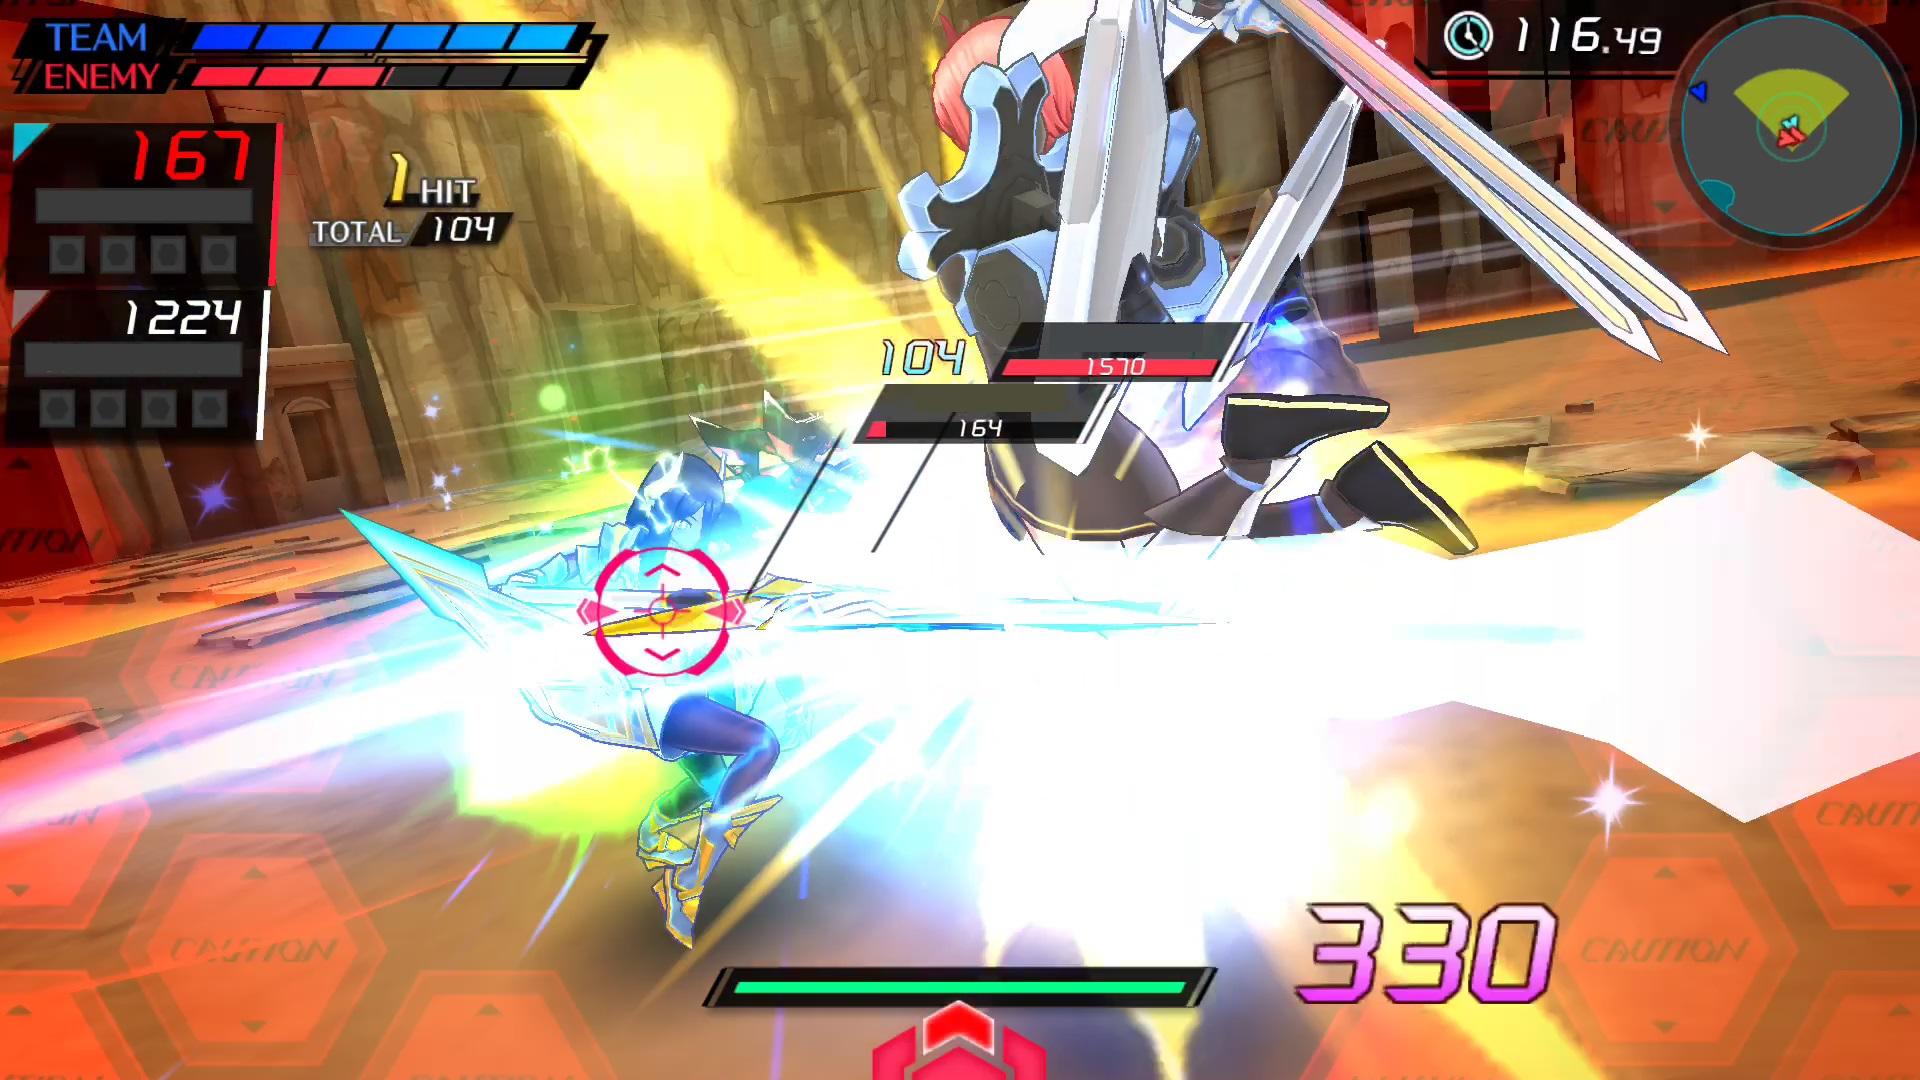 ドルオダ【攻略】: プレイスタイル別!おすすめドール【近距離武器編】